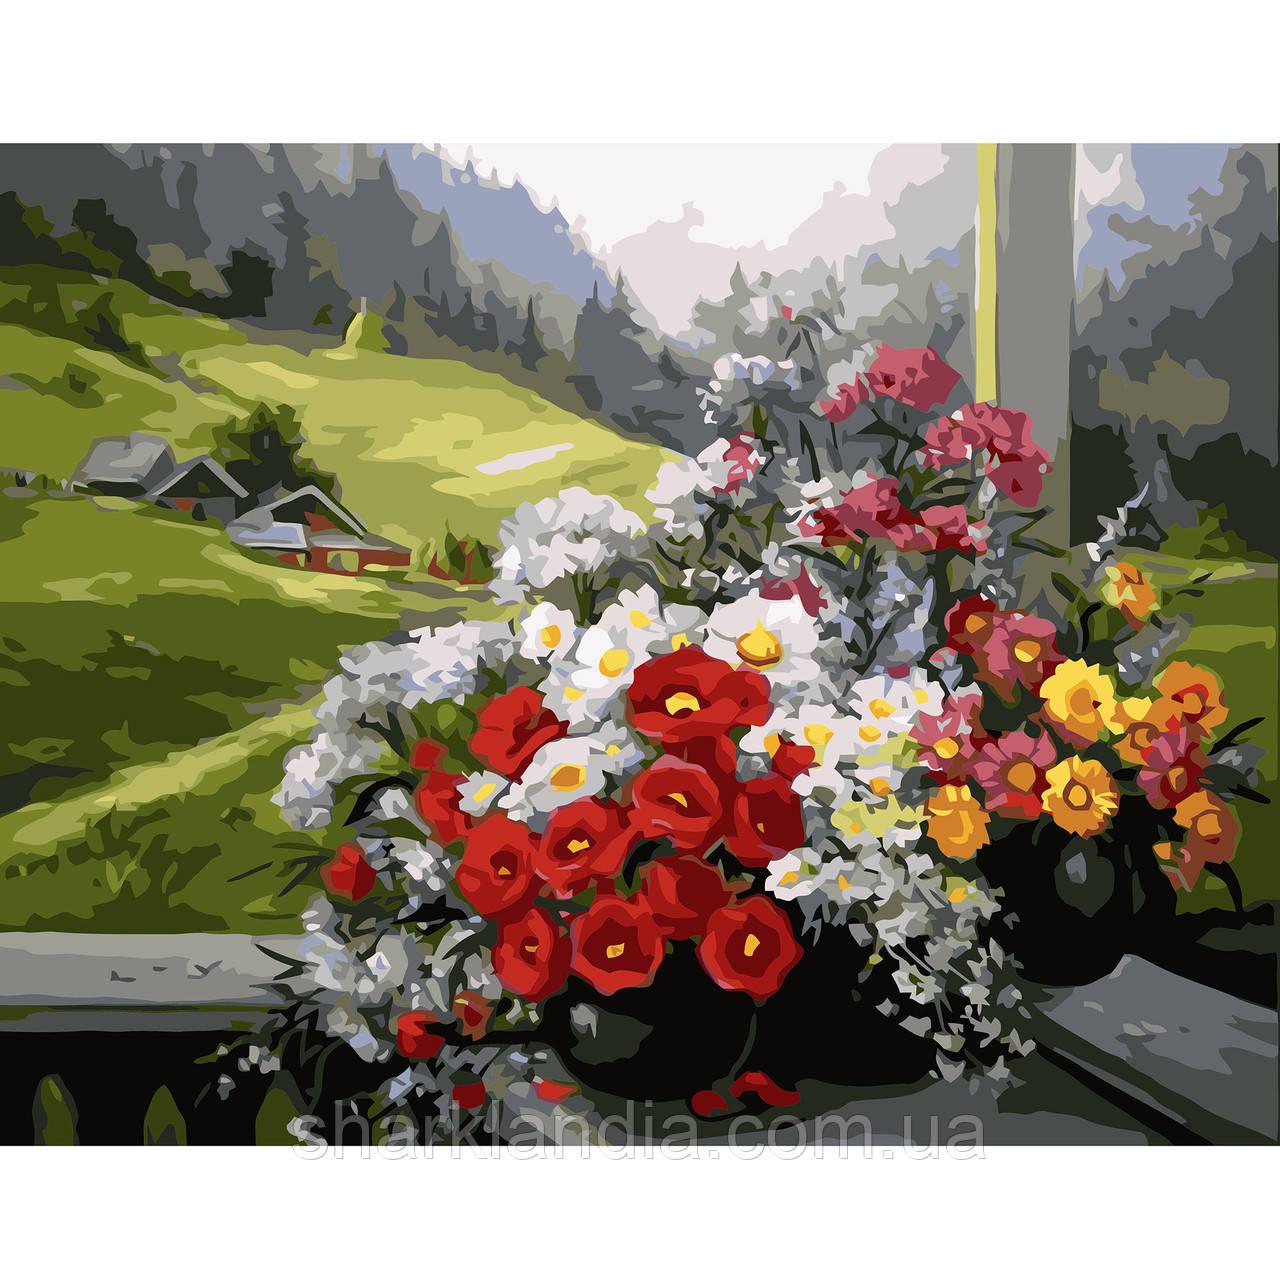 Картина за номерами Букет квітів на тлі галявини 40х50см Strateg Розфарбовування по цифрам